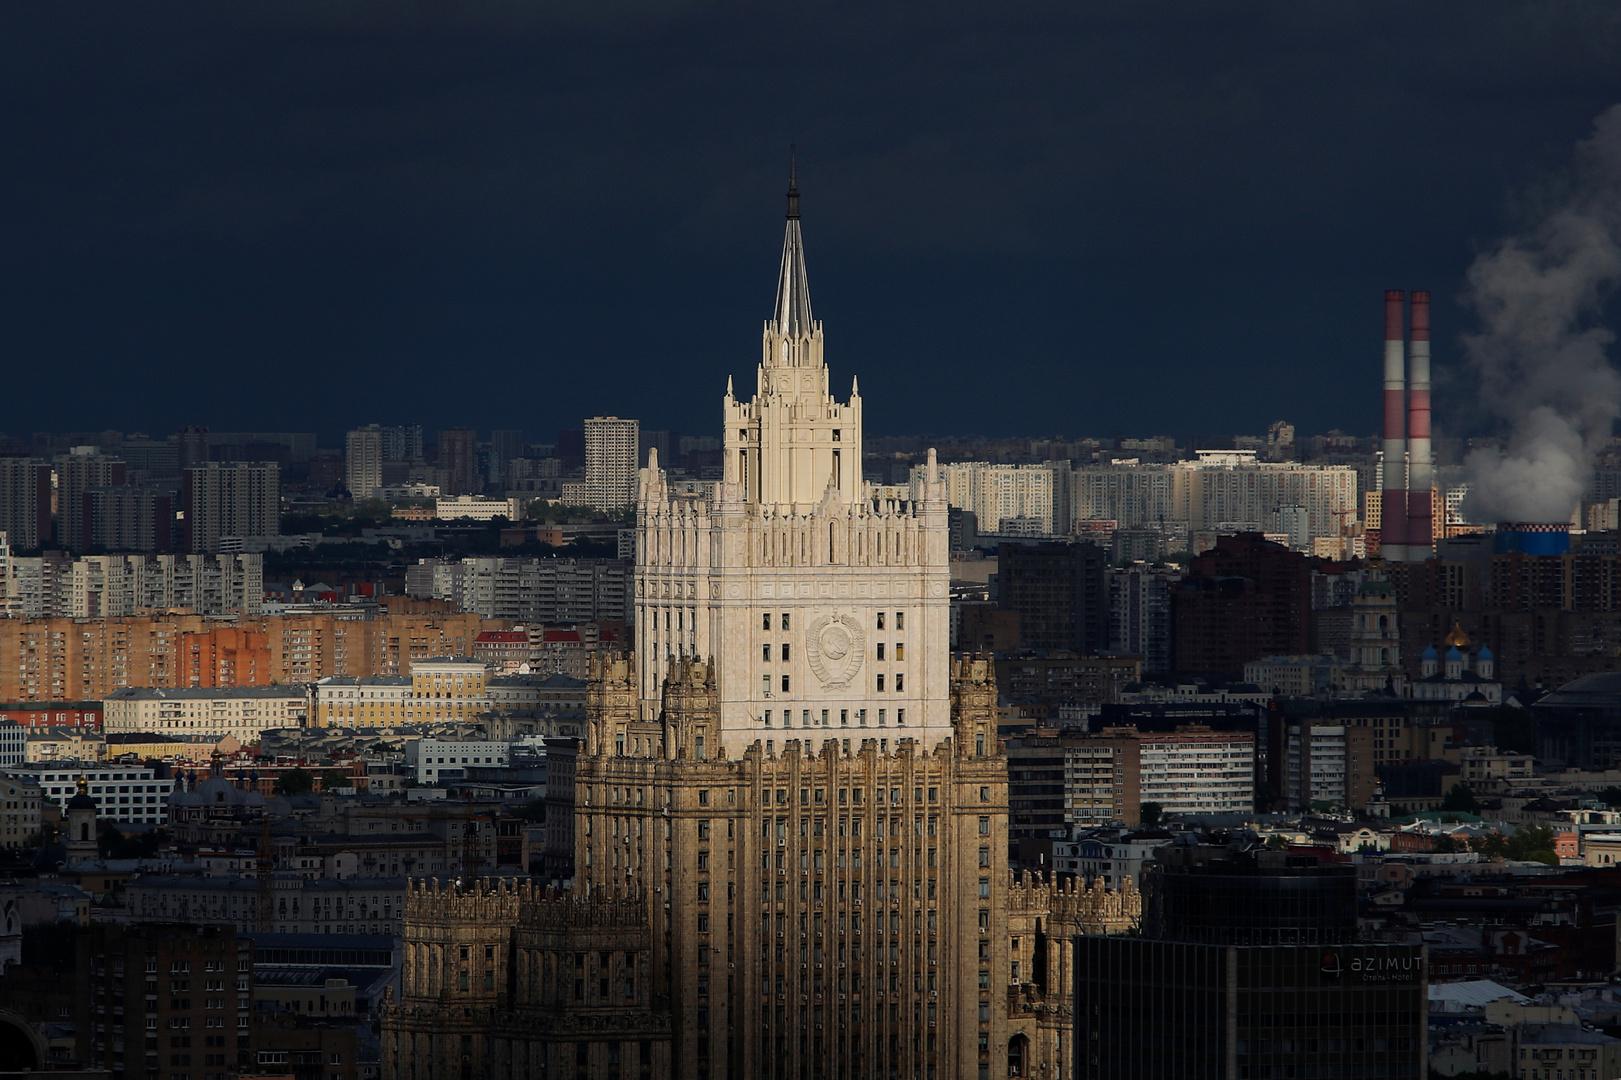 الخارجية الروسية ردا على بومبيو: يحاول تشويه الحقائق لتحقيق أهداف ضيقة